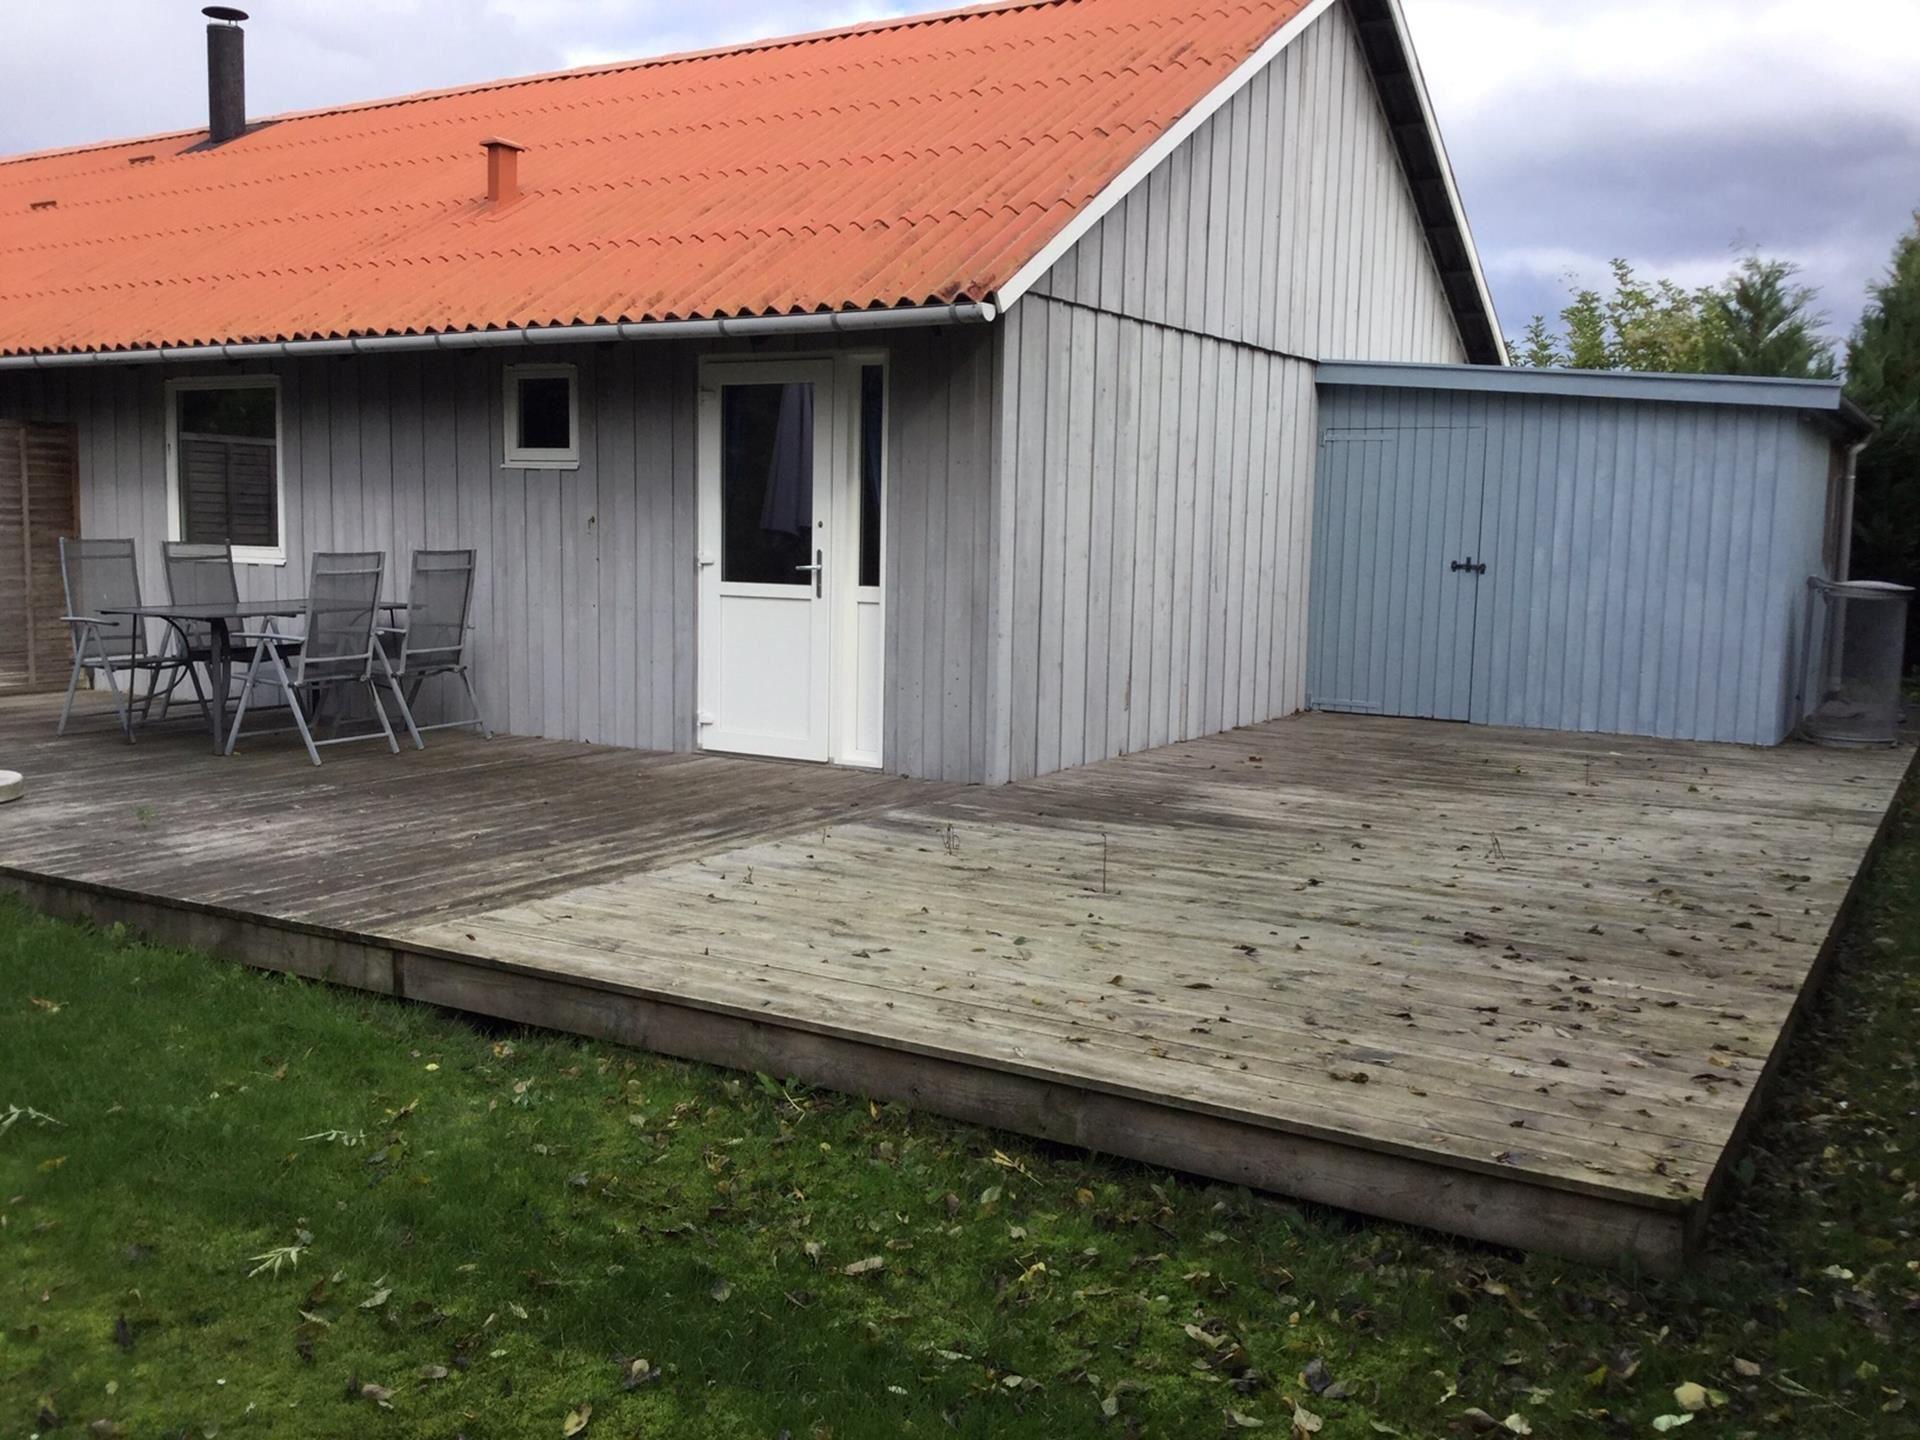 Herredsvej 301A nr. 16, 4944 Fejø